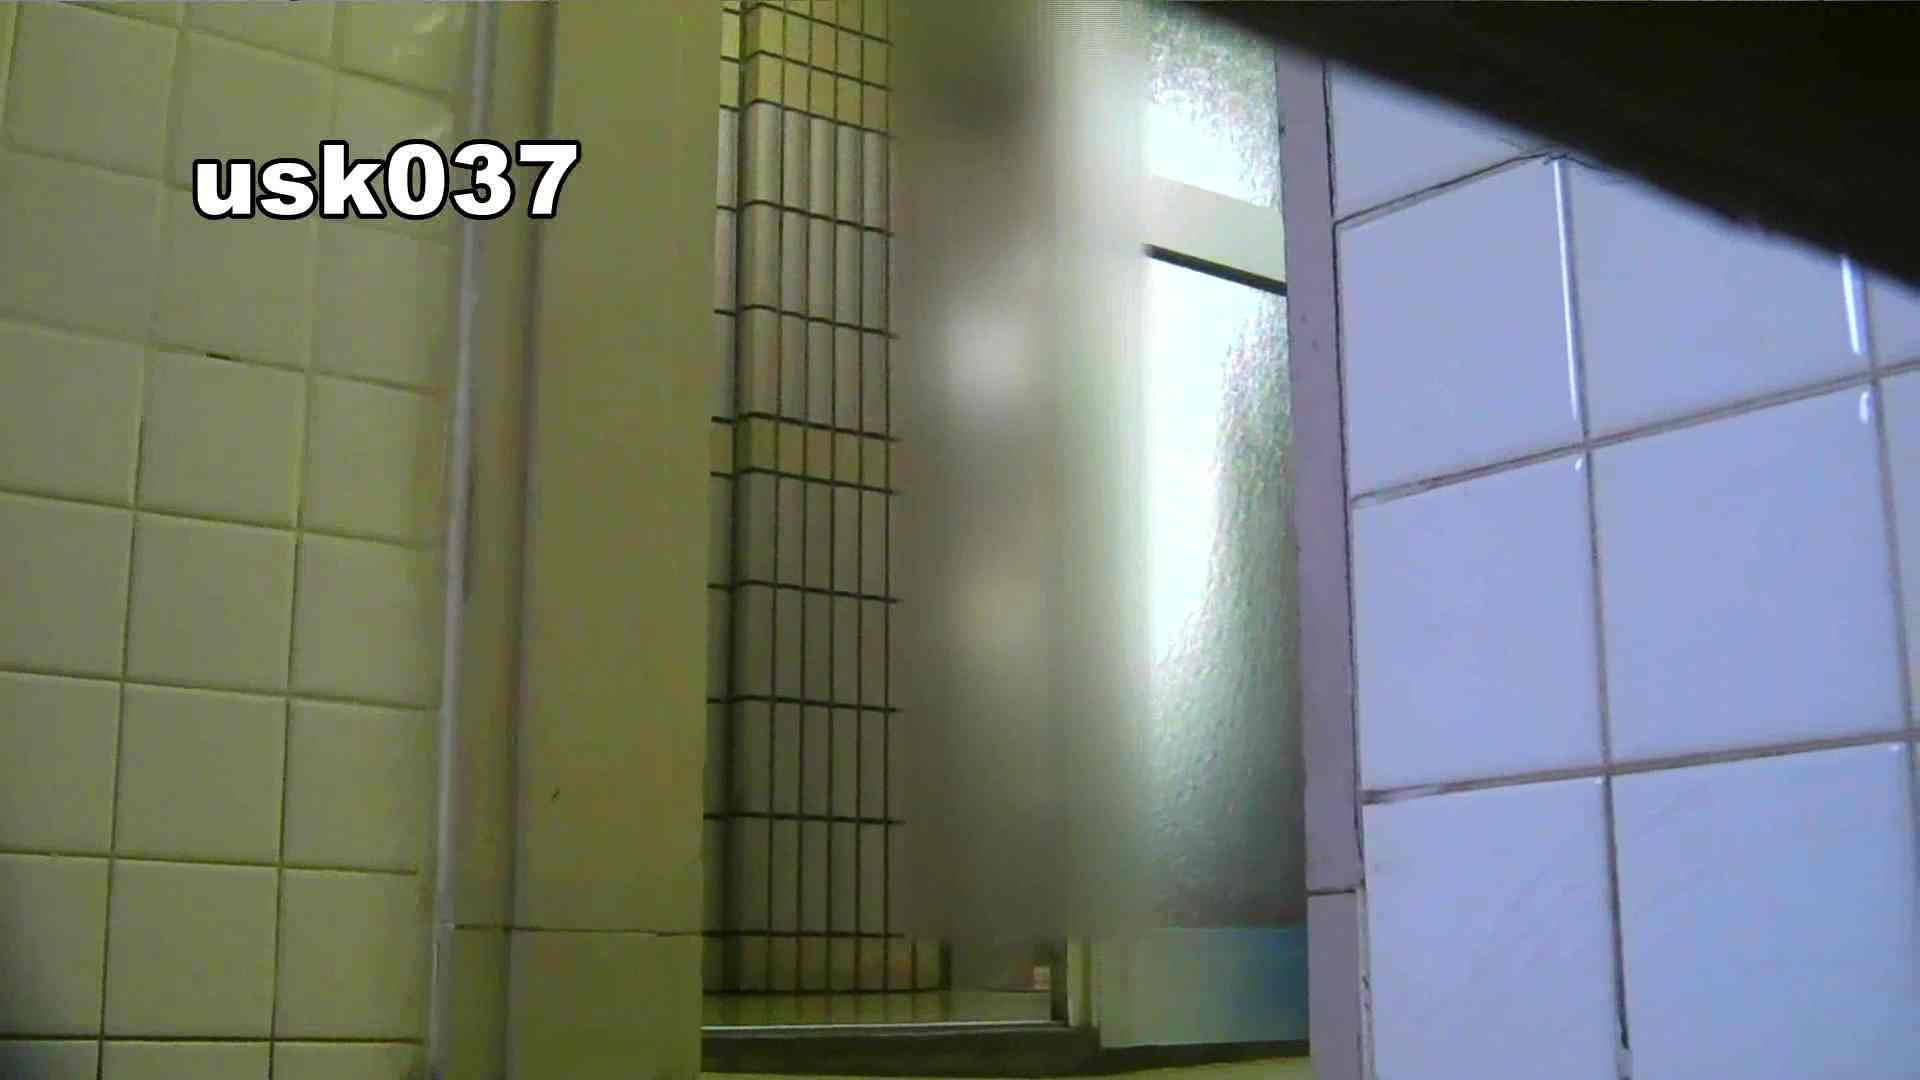 【美しき個室な世界】 vol.037 ひねり出す様子(フトイです) 高画質動画  39画像 30